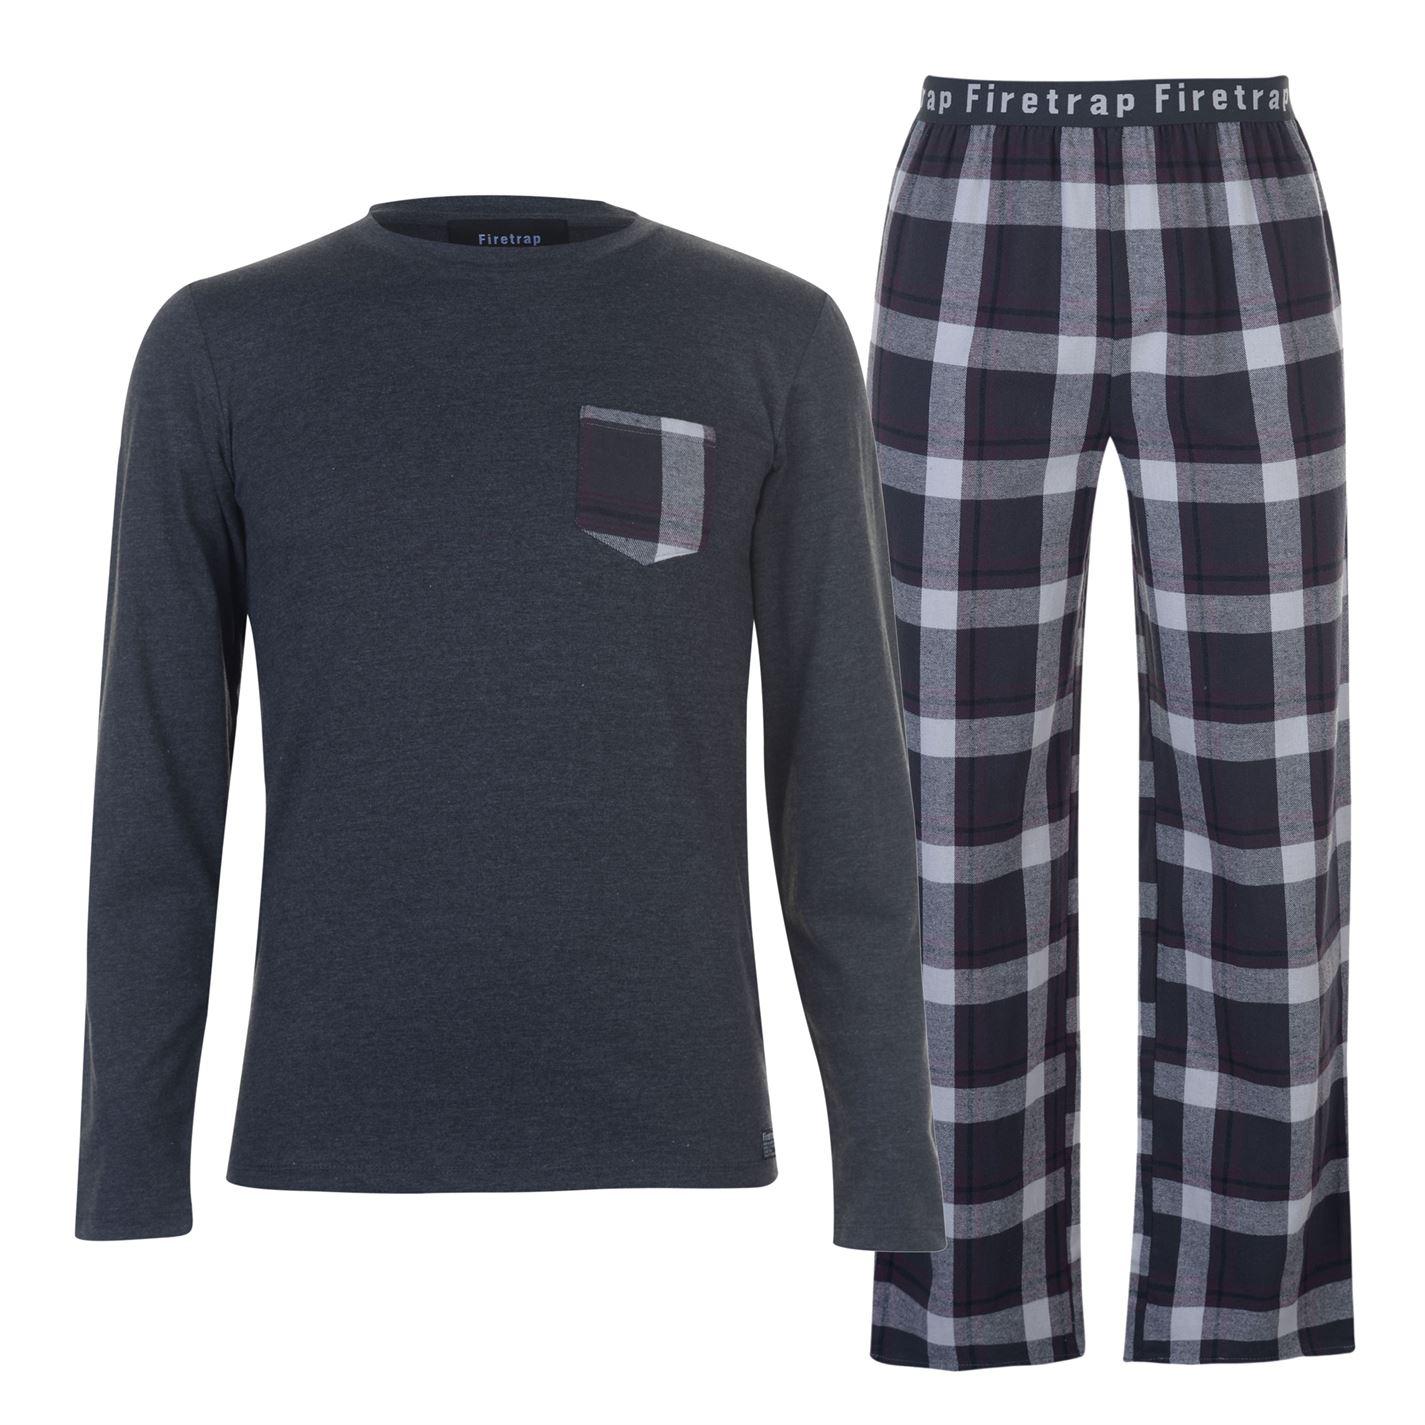 Firetrap pánske pyžamo s dlhým rukávom